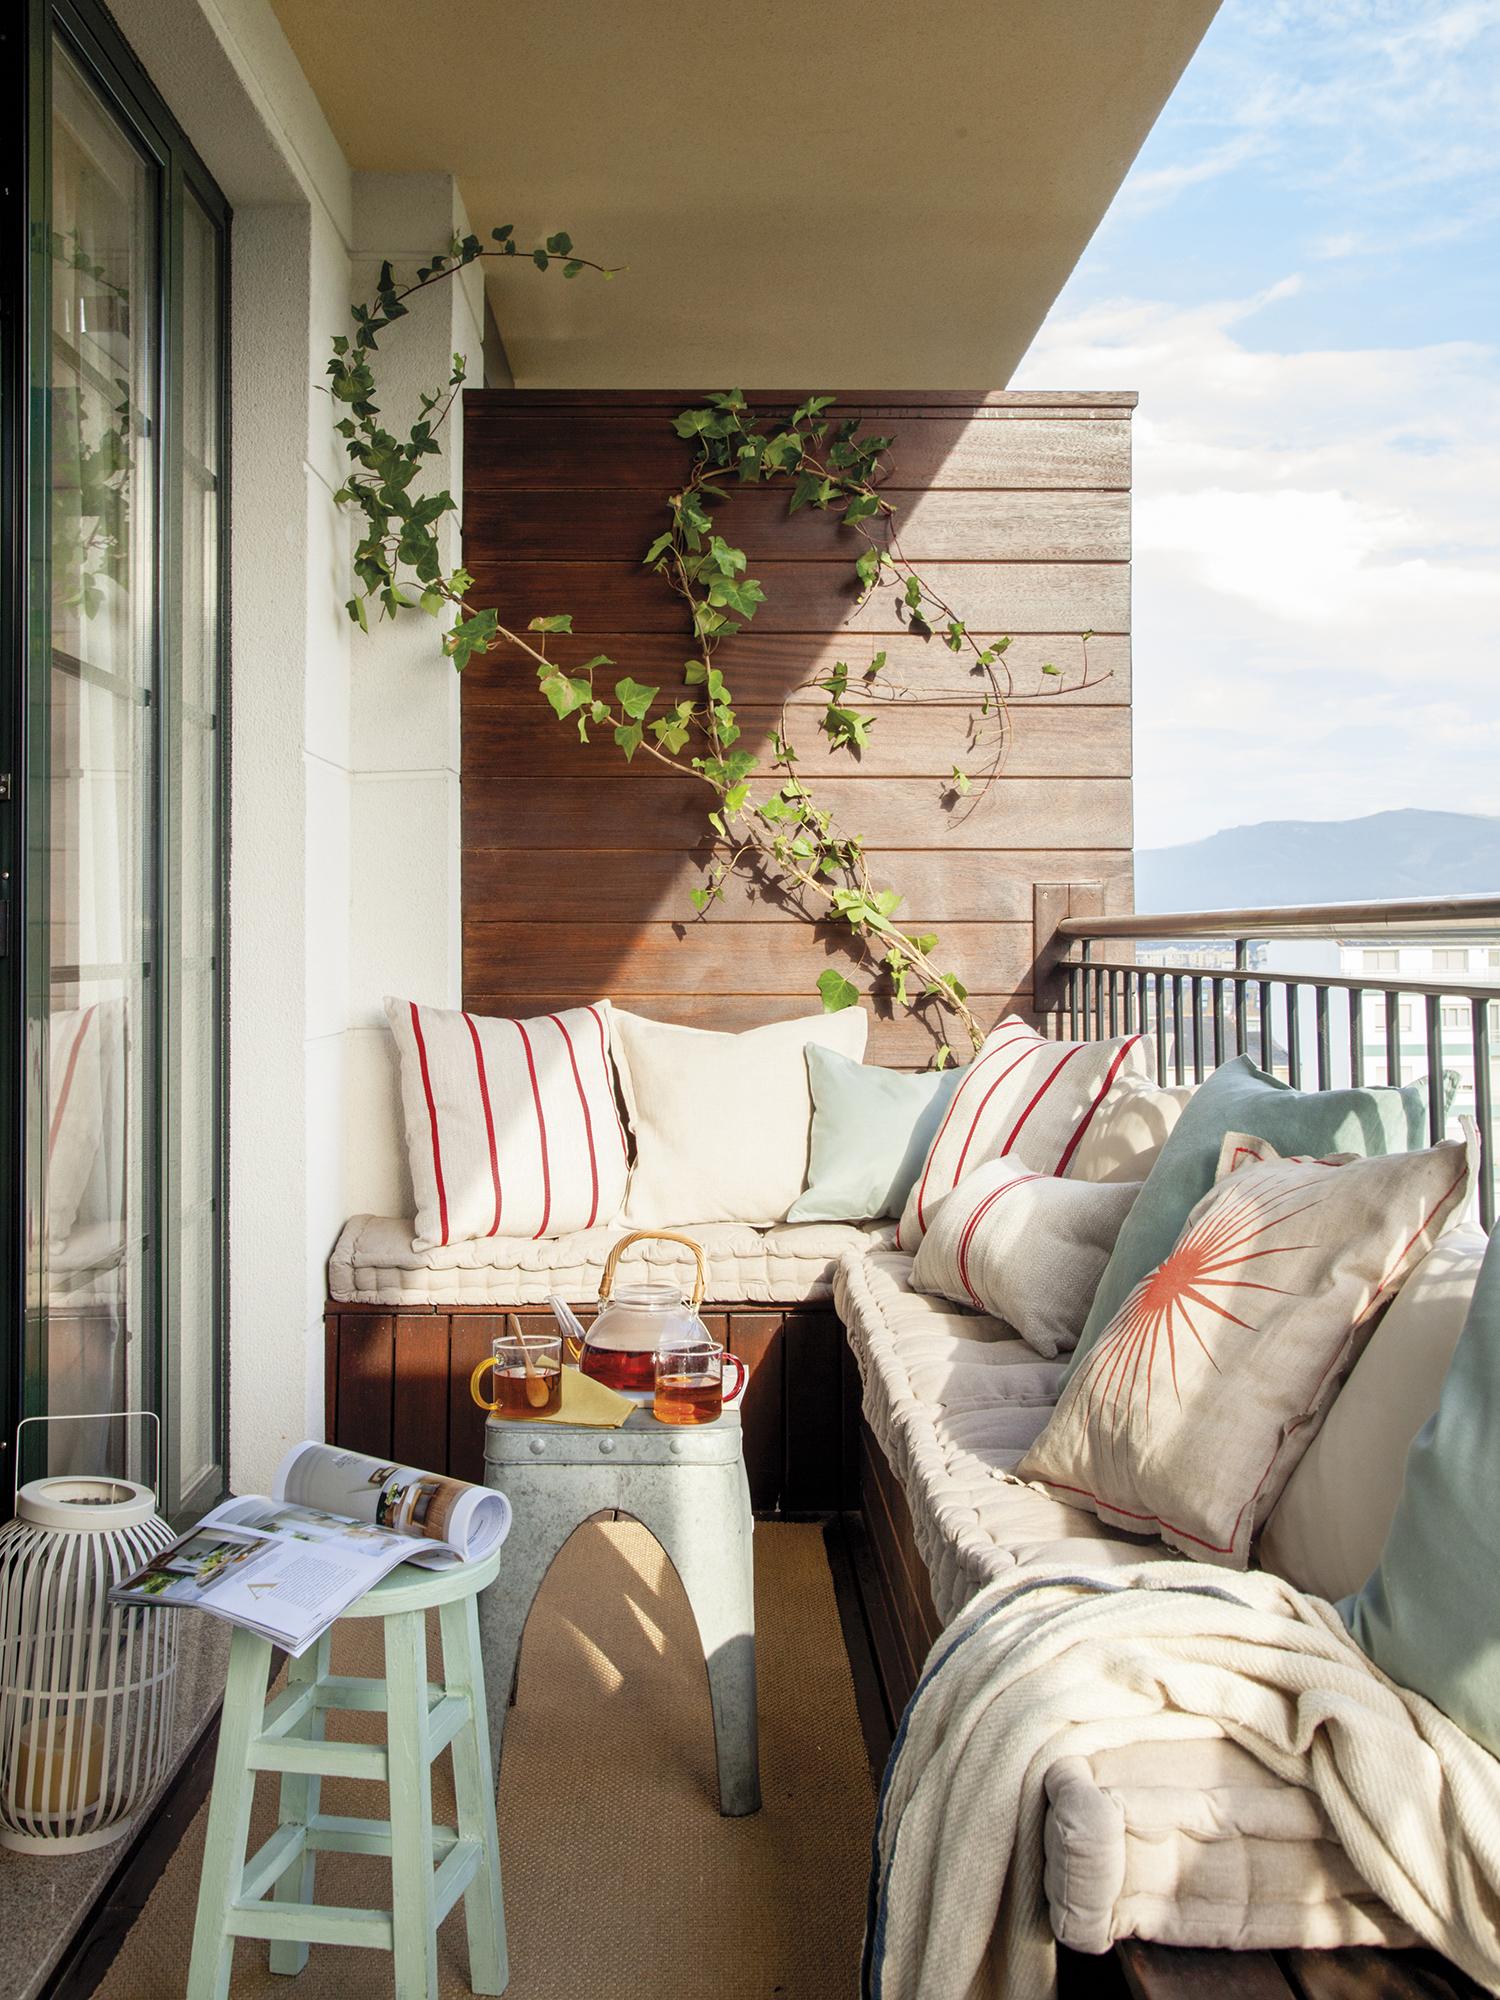 Un d plex de 60 metros en galicia s quiero for Muebles para balcon exterior pequeno